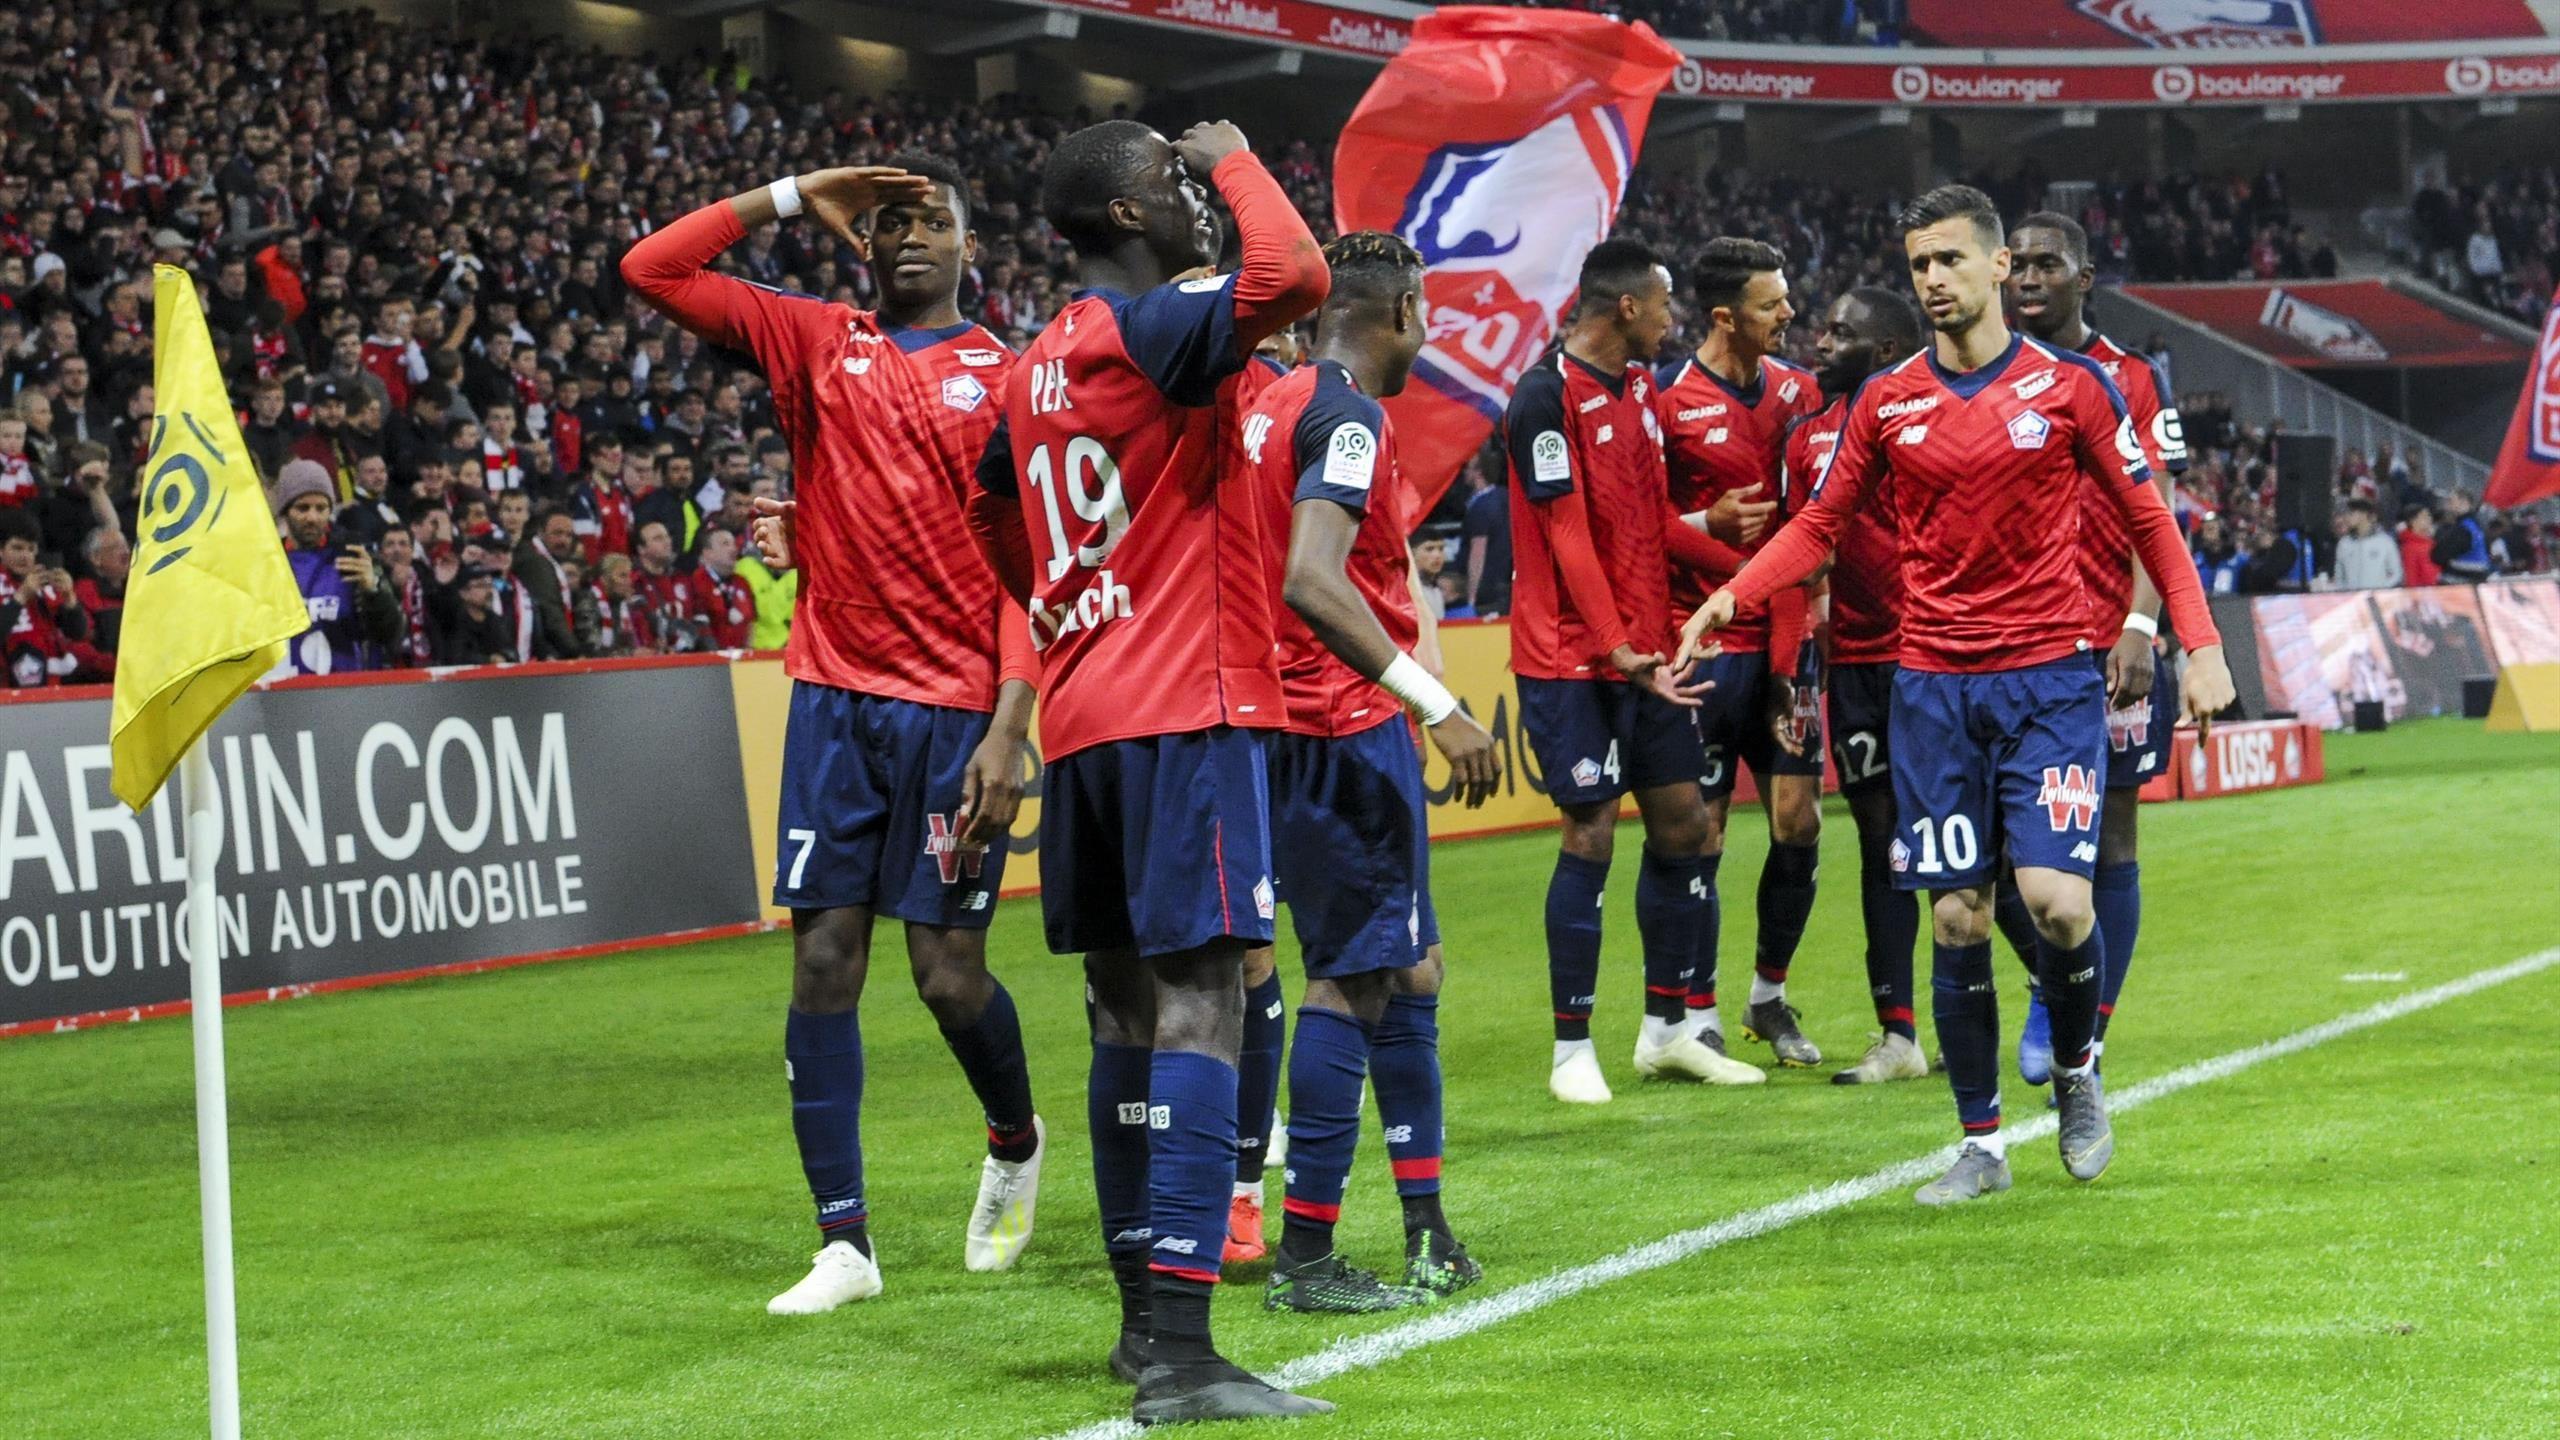 Uhlsport dévoile le nouveau ballon officiel de la Ligue 1 Conforama